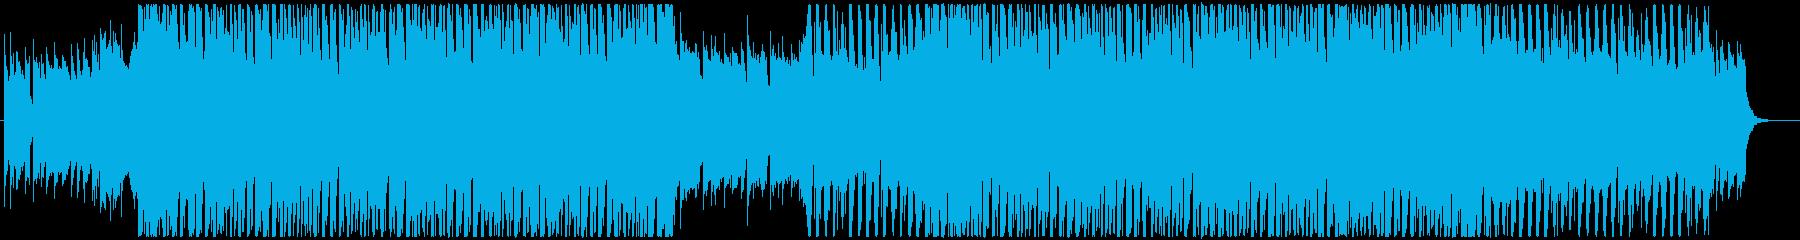 ノリの良い可愛いシンセポップの再生済みの波形